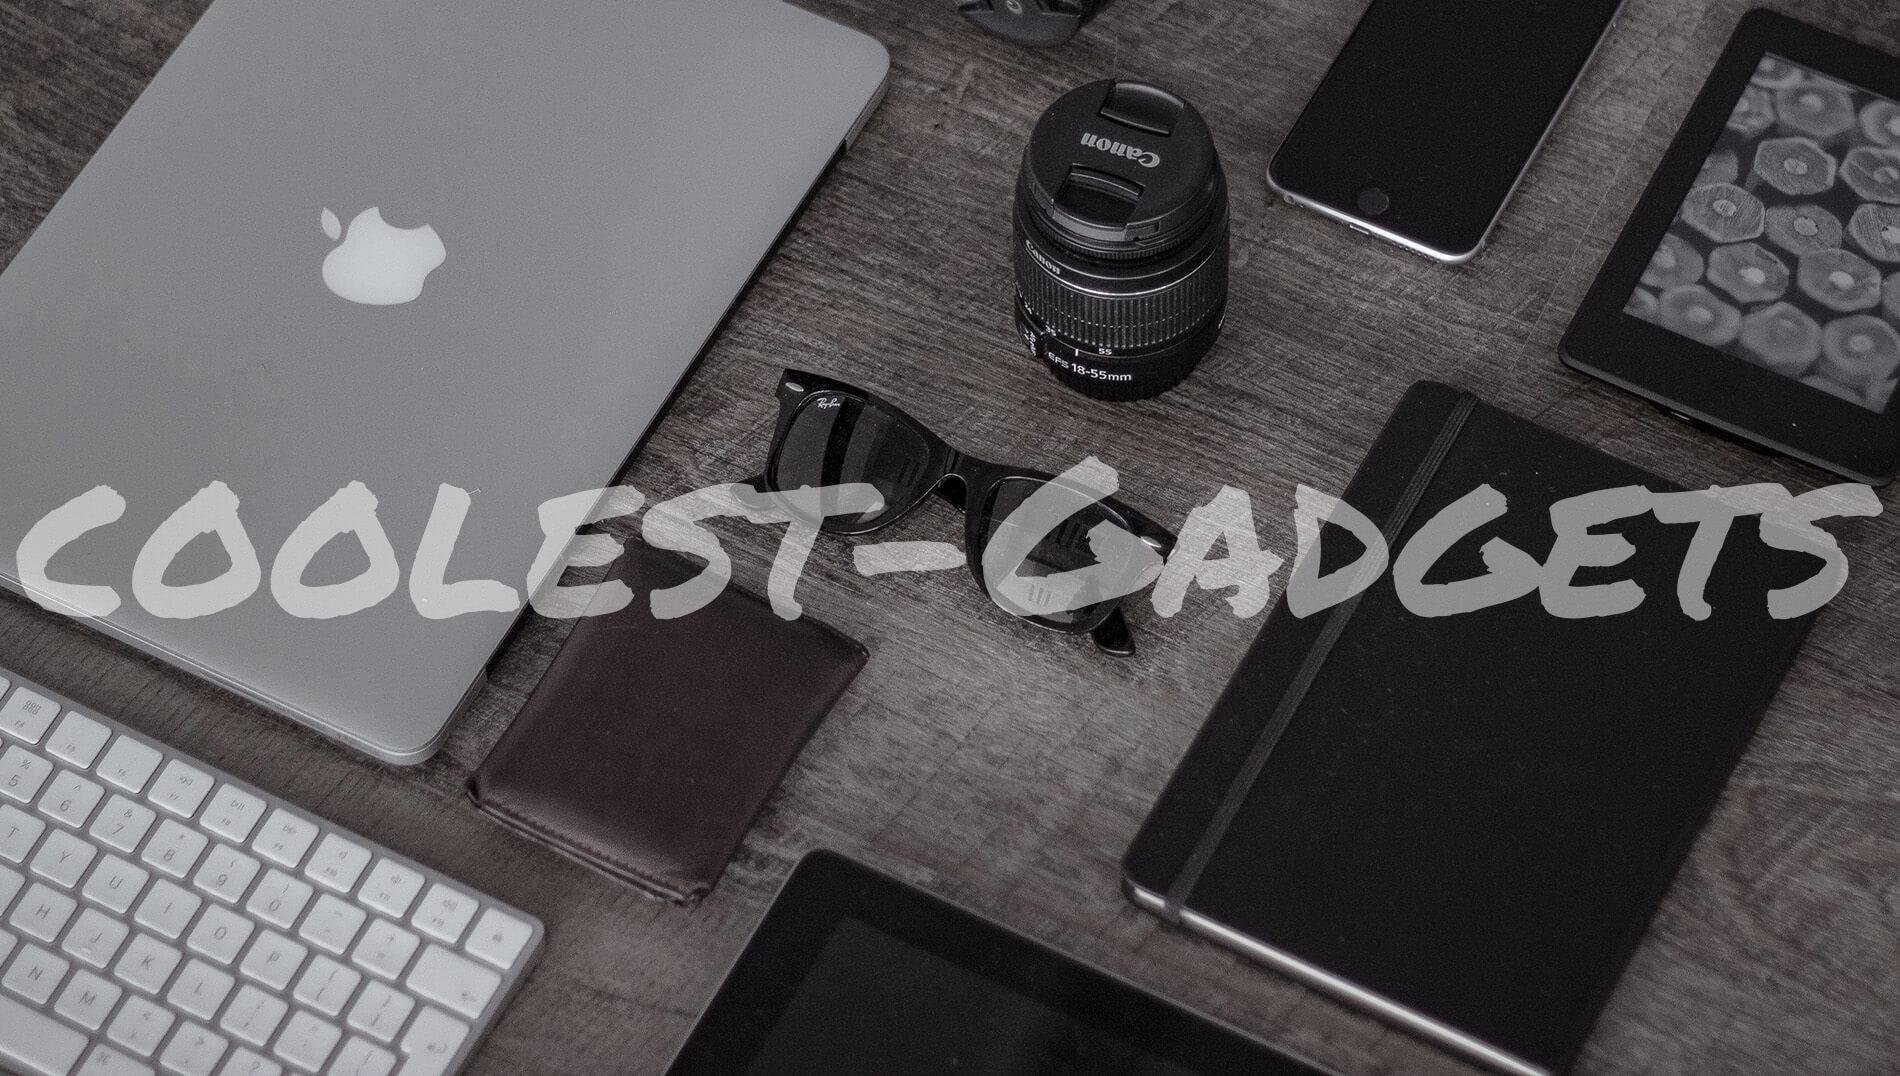 46 Cool Best Gadgets For Men 2019 Coolest Gadgets